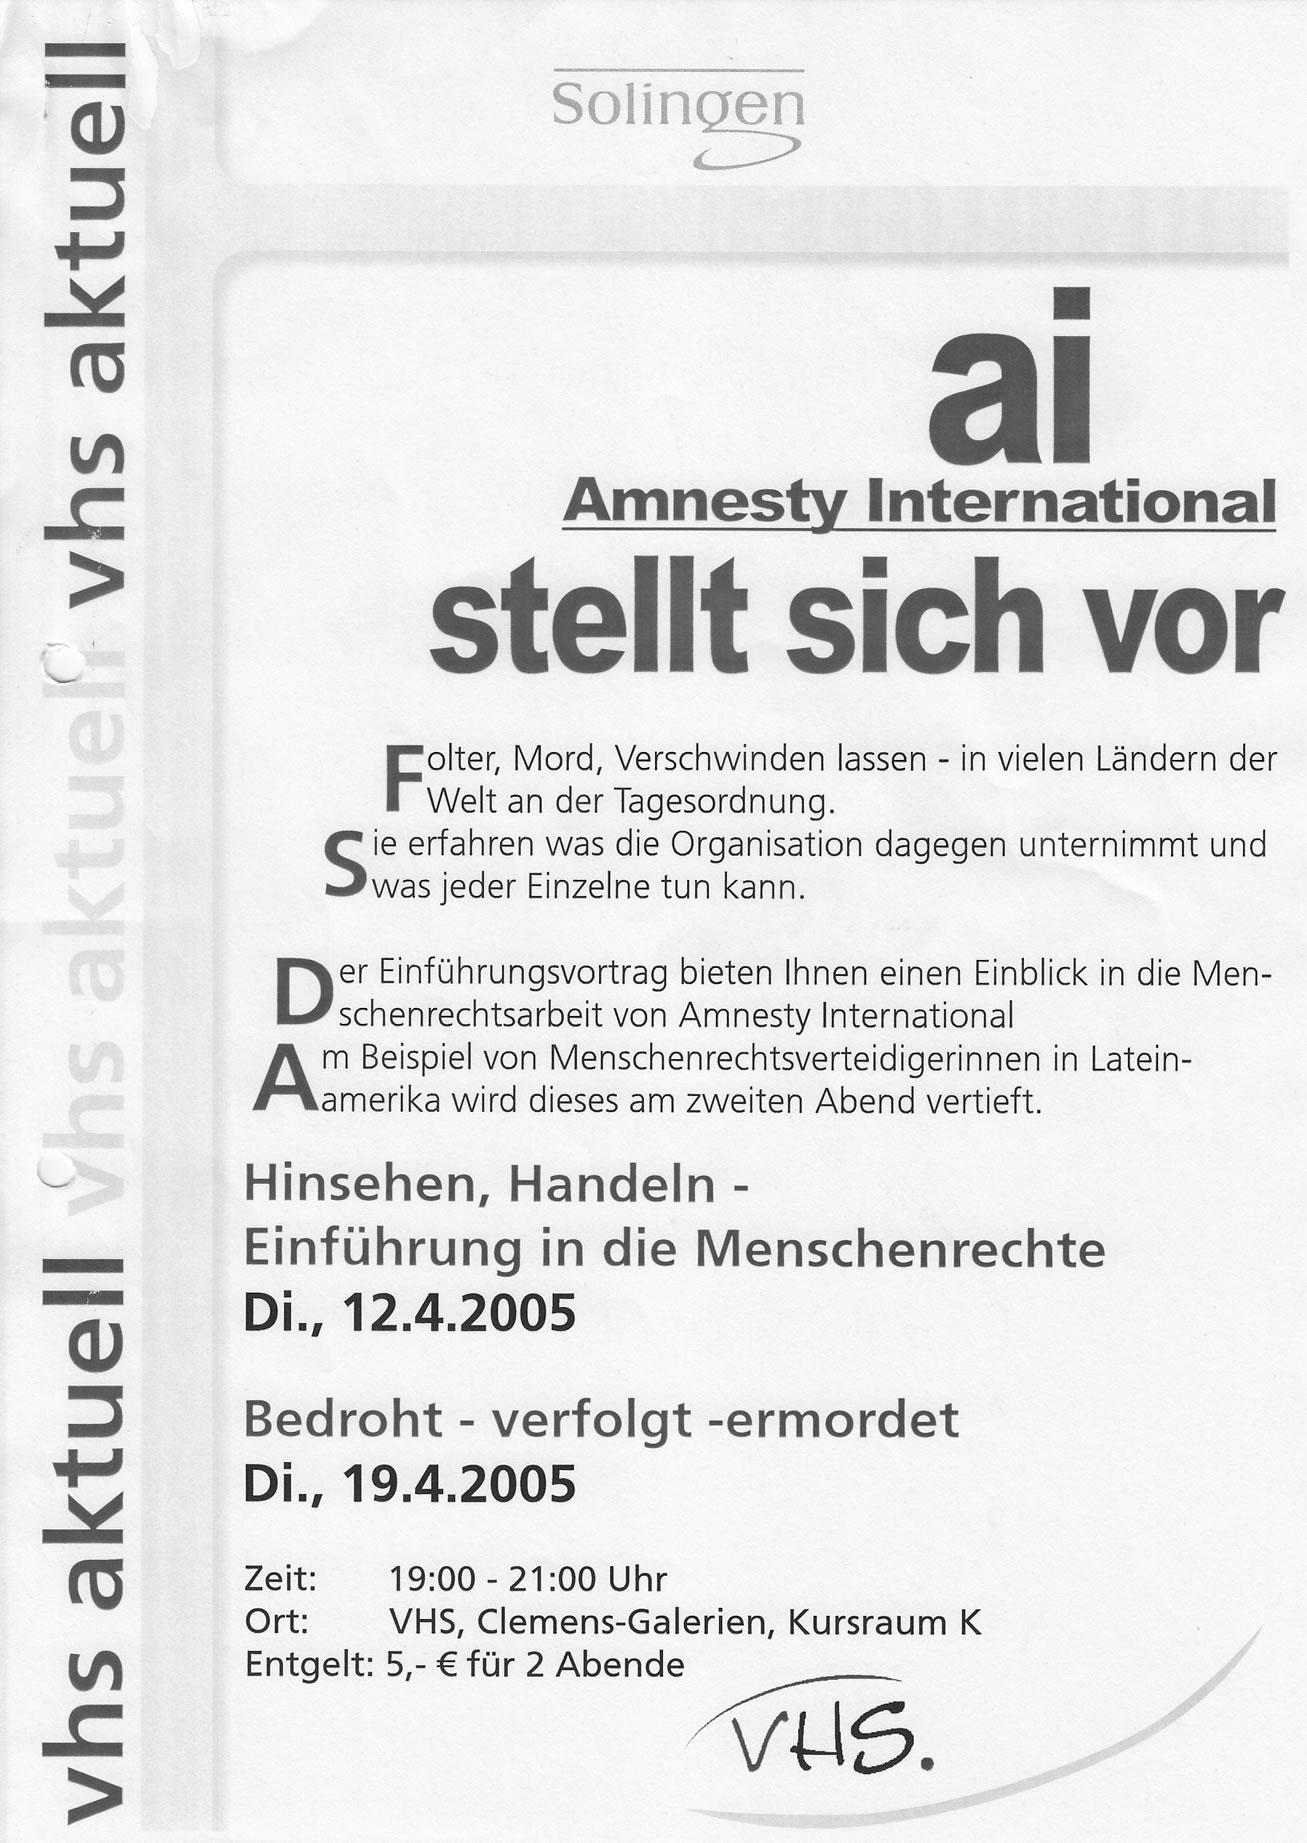 Pressemitteilung VHS 04/05: Infoveranstaltungen zu amnesty-Arbeit